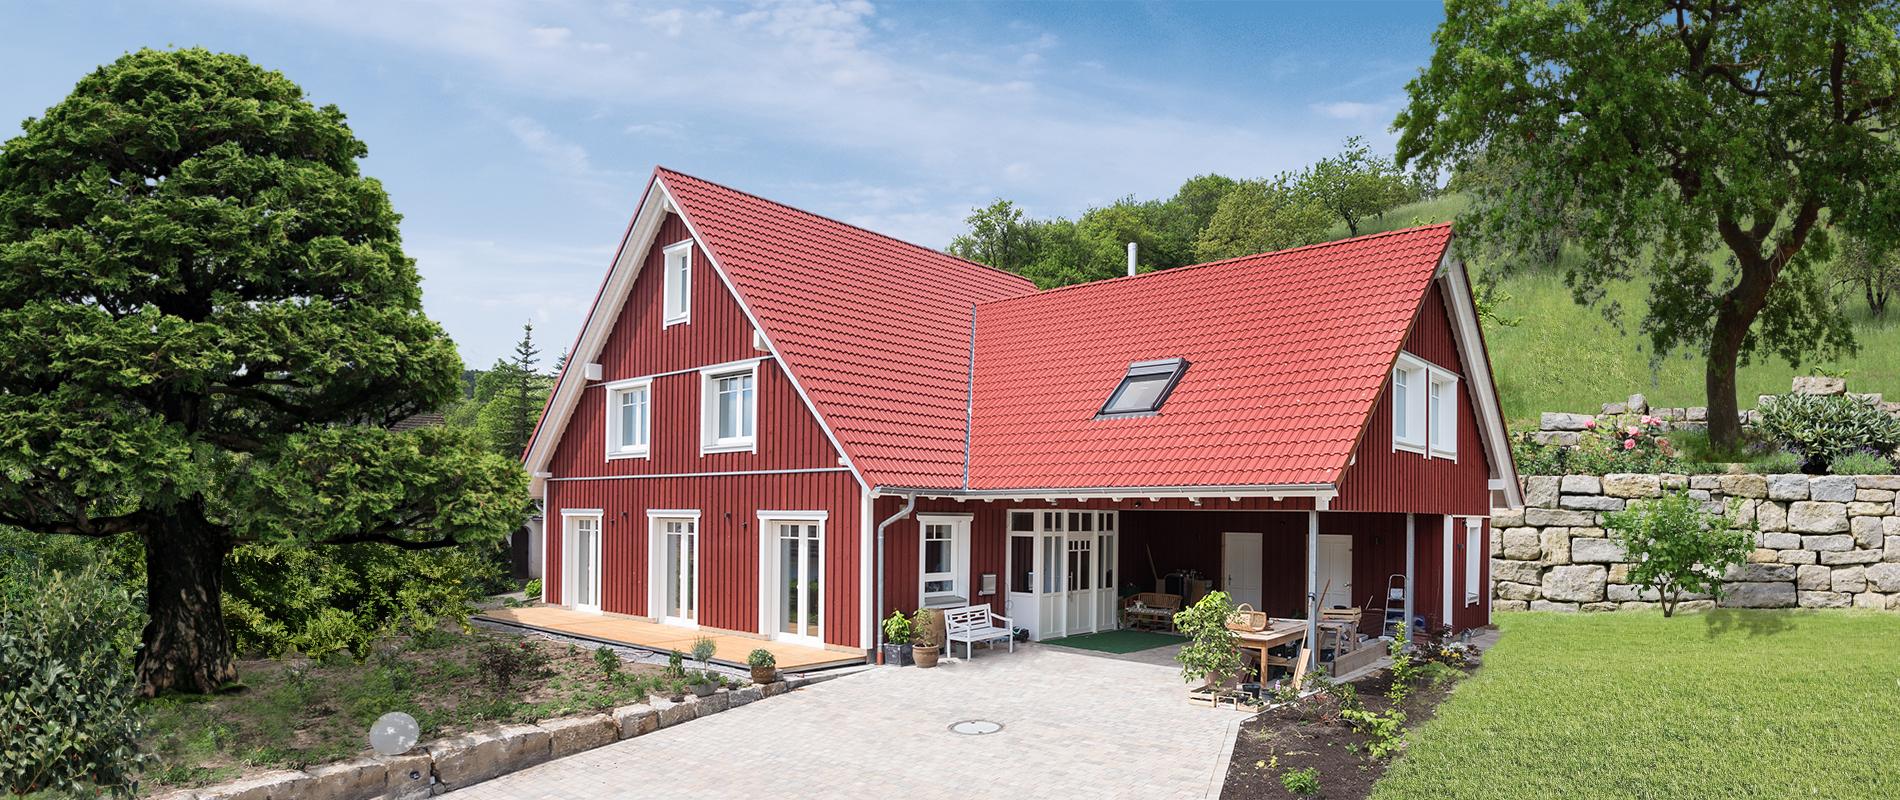 Begehrte Holzhäuser